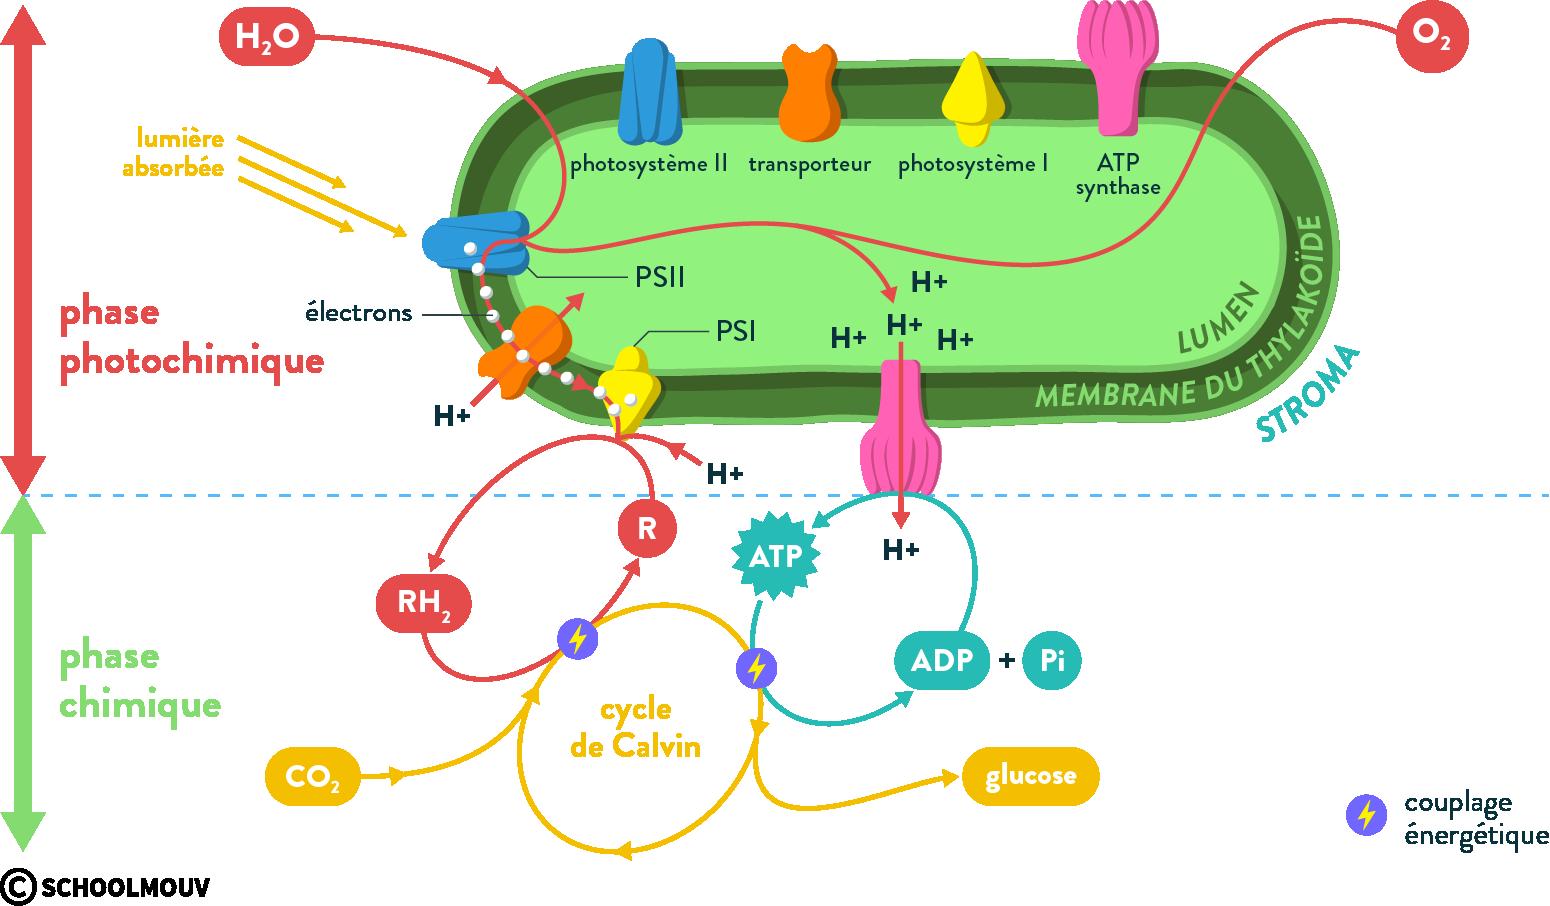 Déroulement phase photochimique et photosynthèse